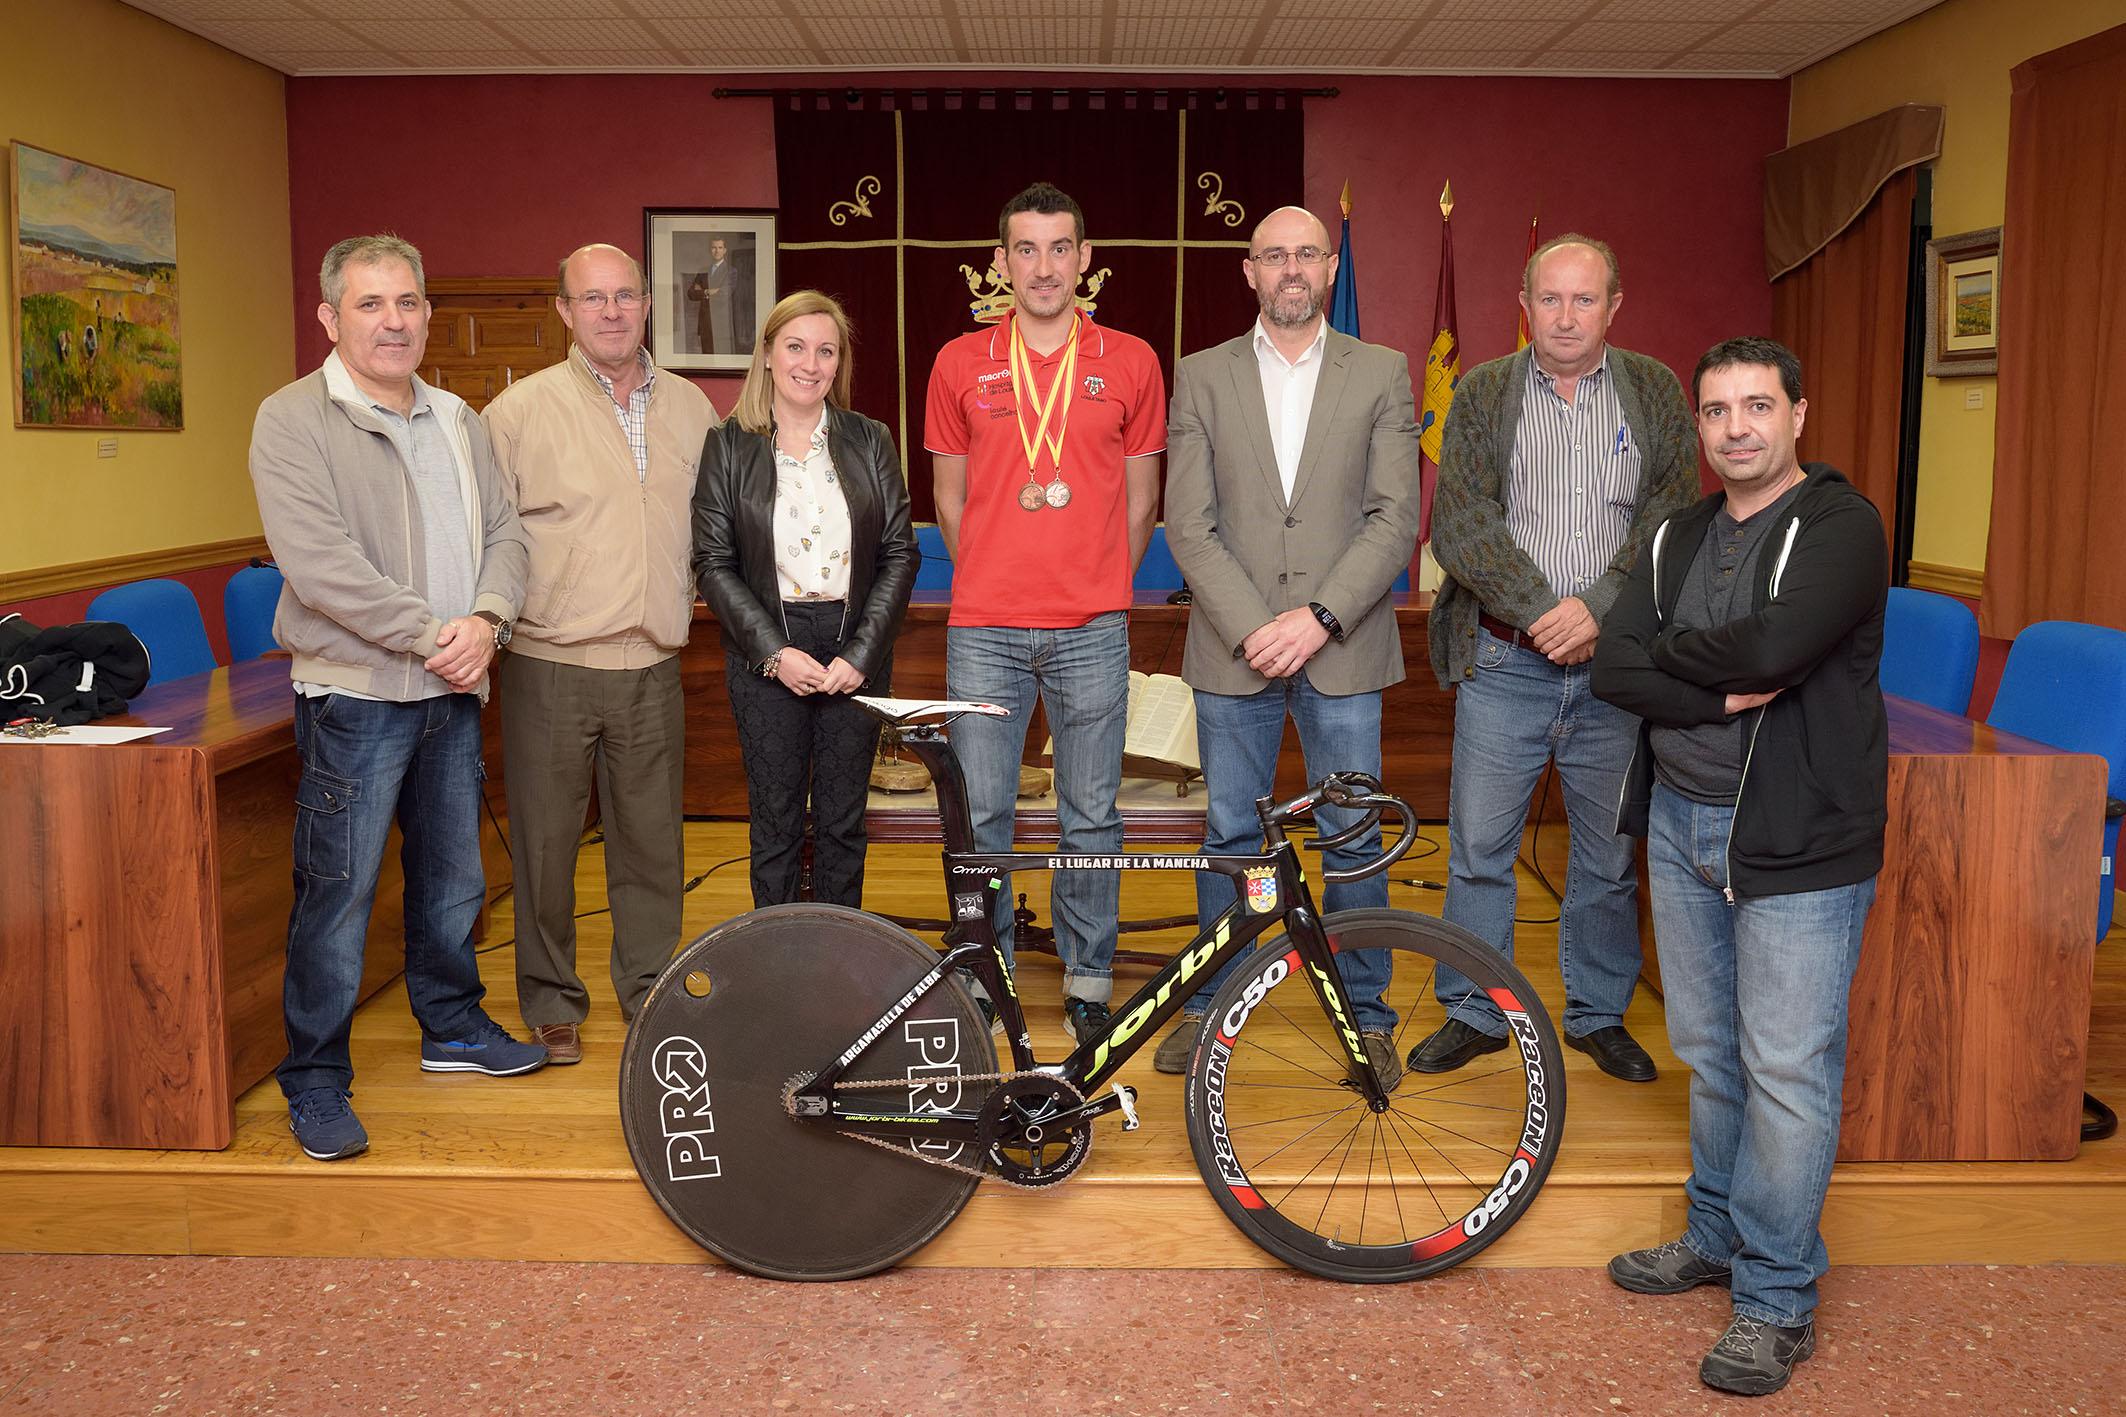 La Corporación Municipal recibió a Vicente García de Mateos tras la consecución de dos medallas en el campeonato de España de ciclismo en pista